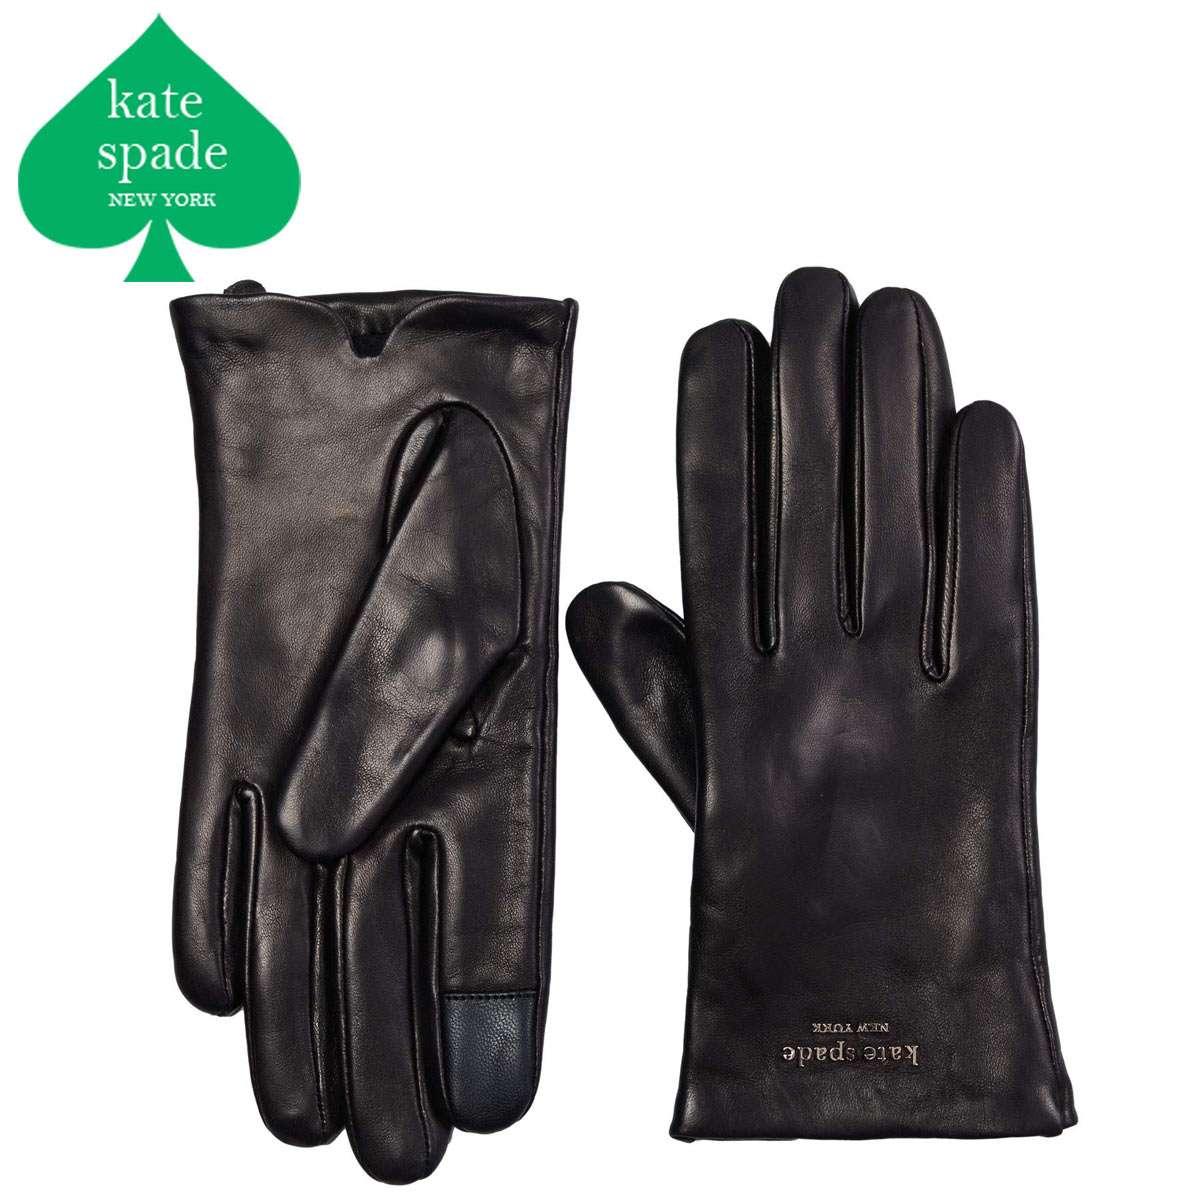 ケイトスペード 買収 手袋 レディース ブランド 安心の実績 高価 買取 強化中 革 レザー KATE ブラック YORK NEW SPADE 黒